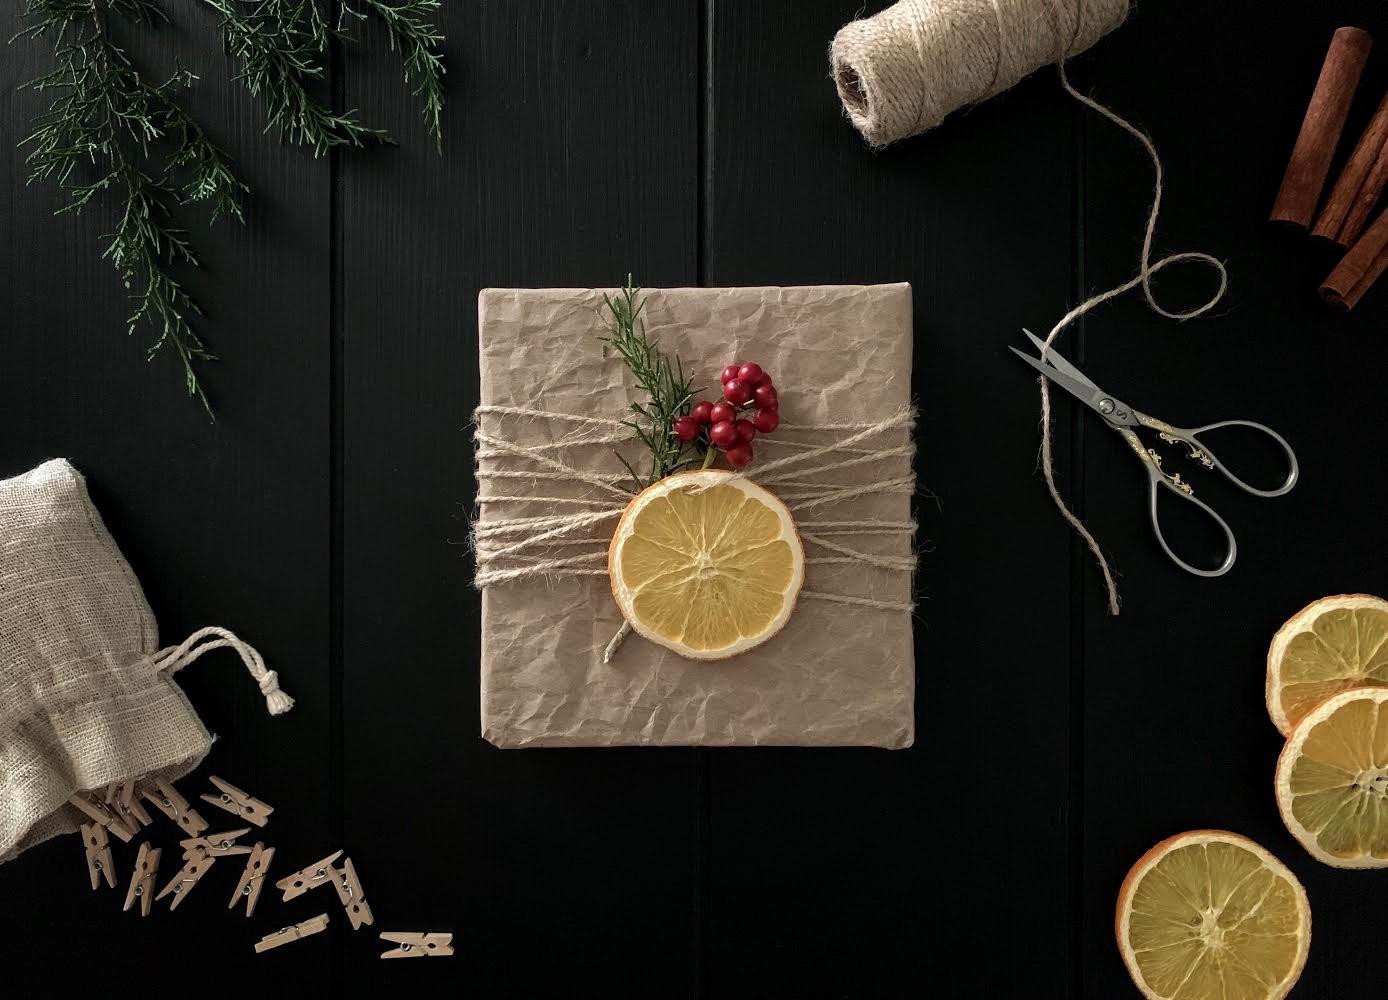 Christmas Gift_edited_small2.jpg